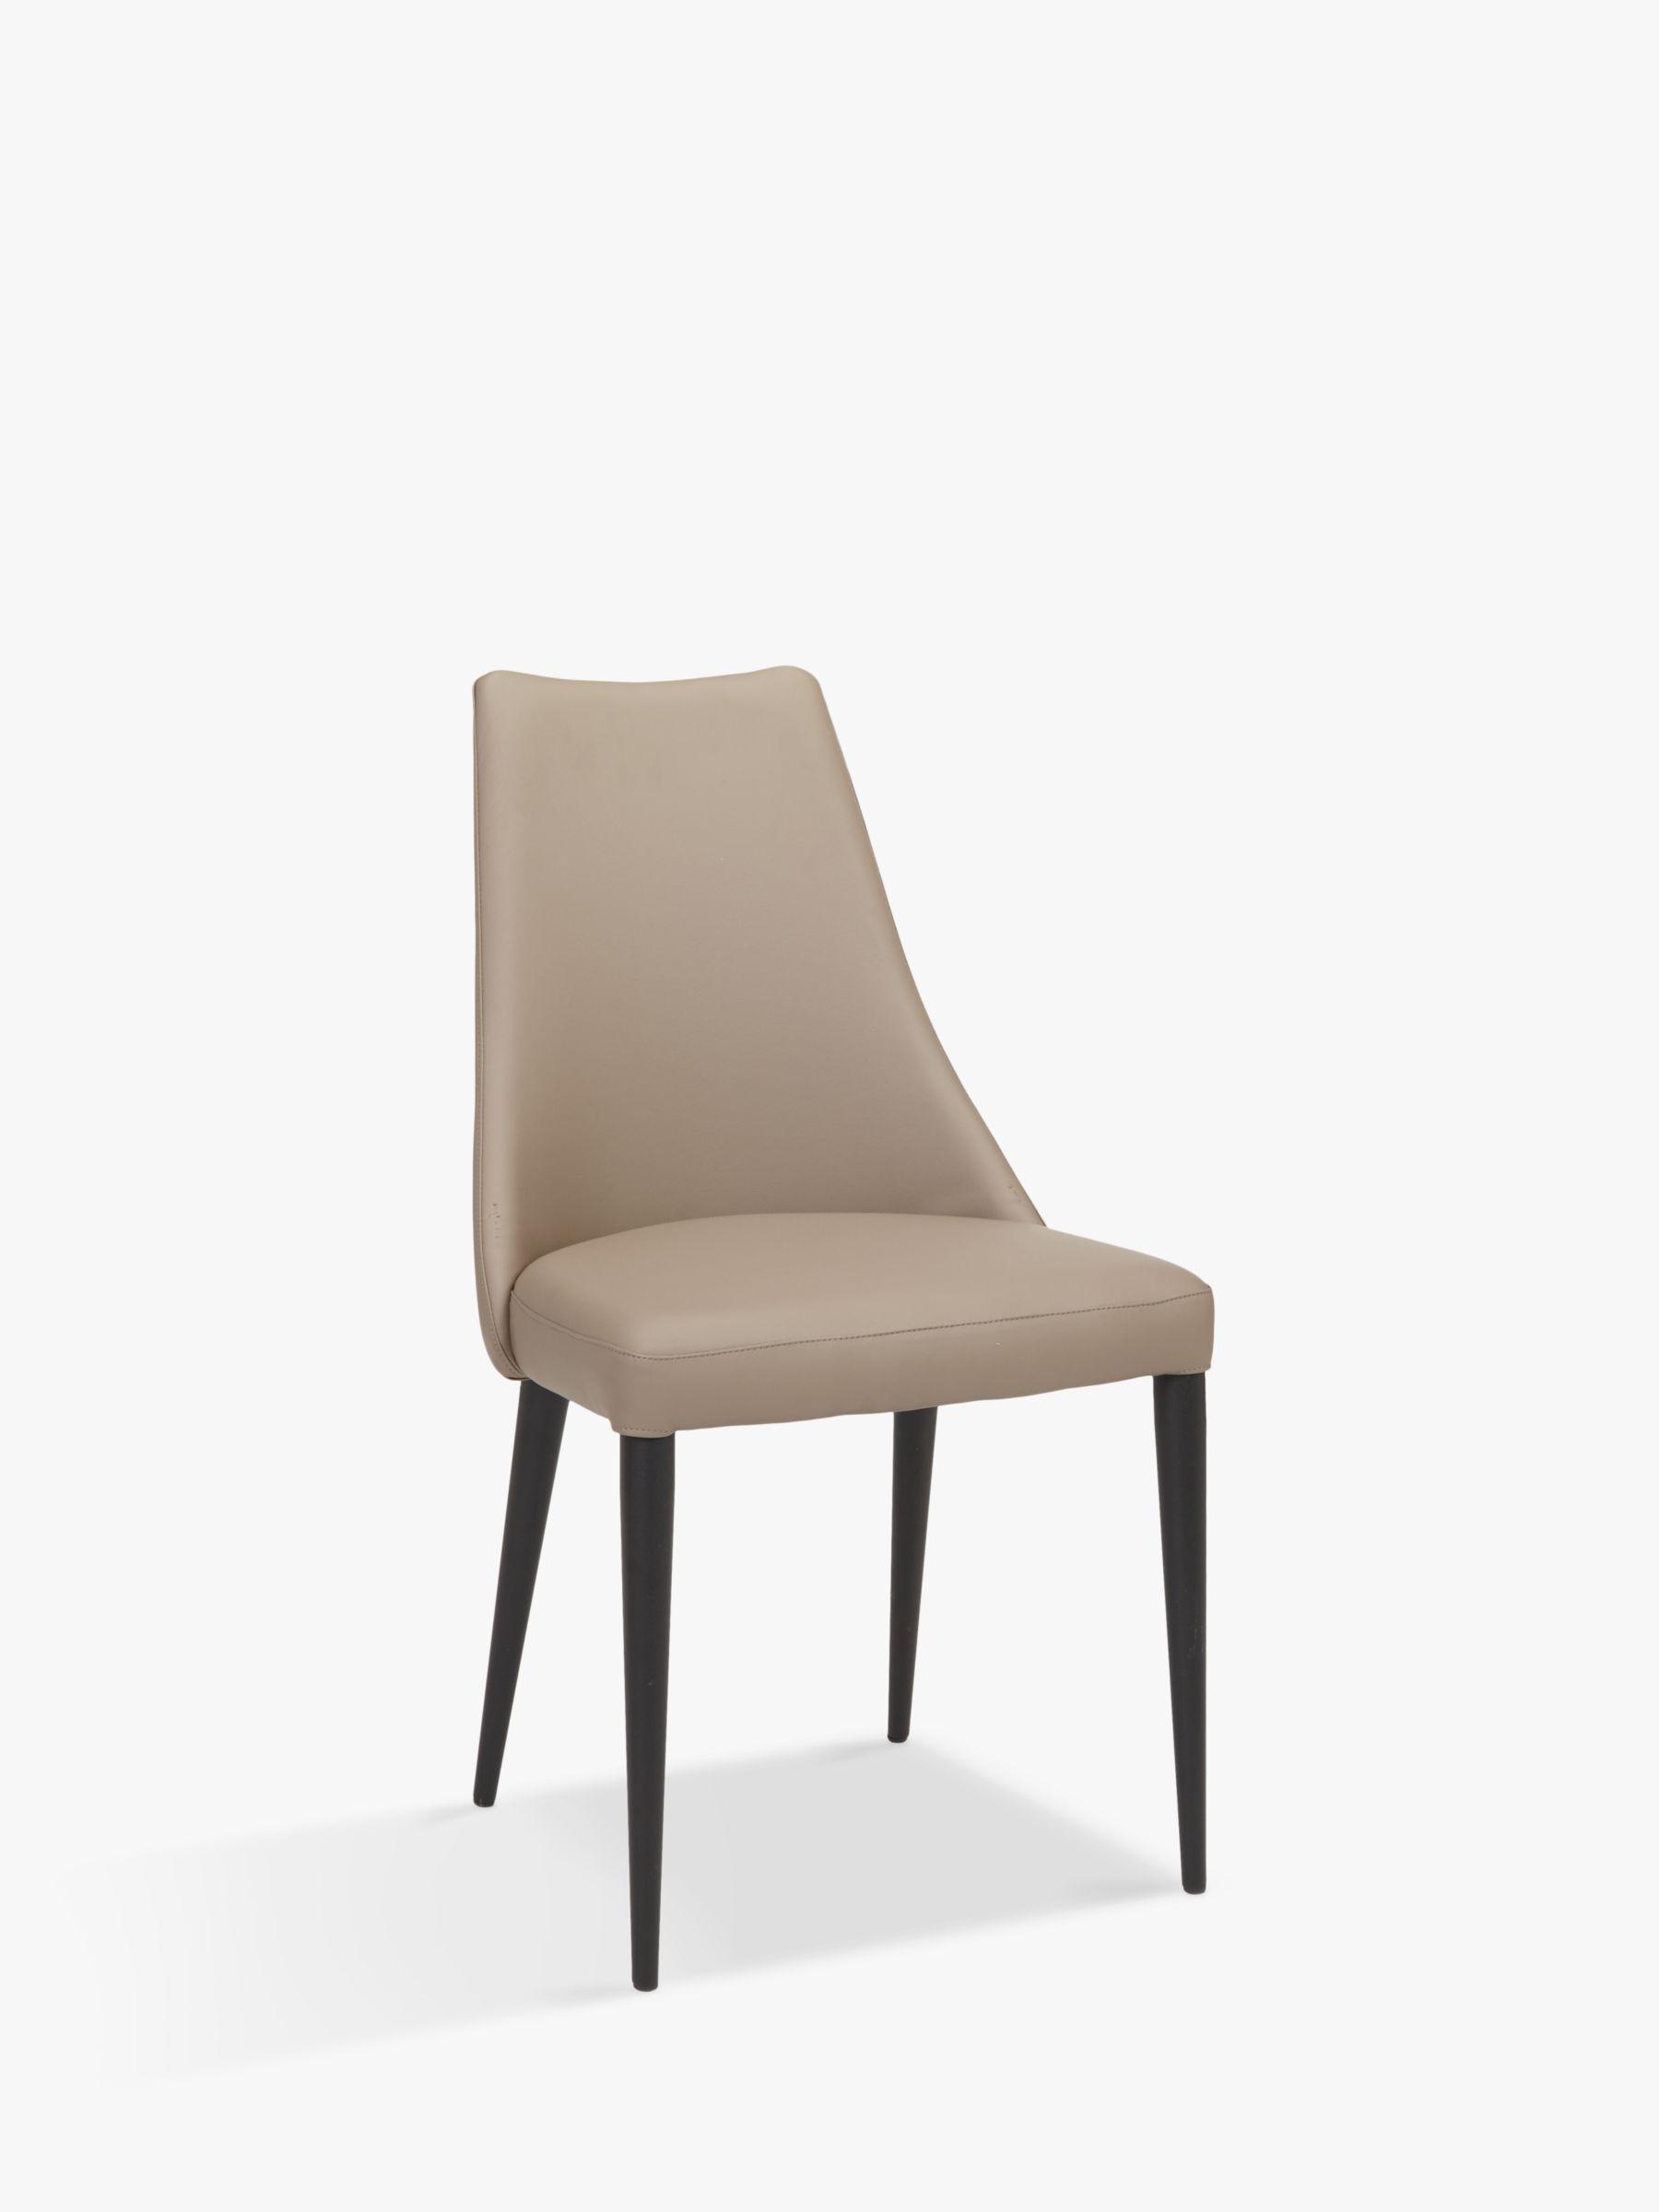 Buy John Lewis Puccini Dining Chair John Lewis